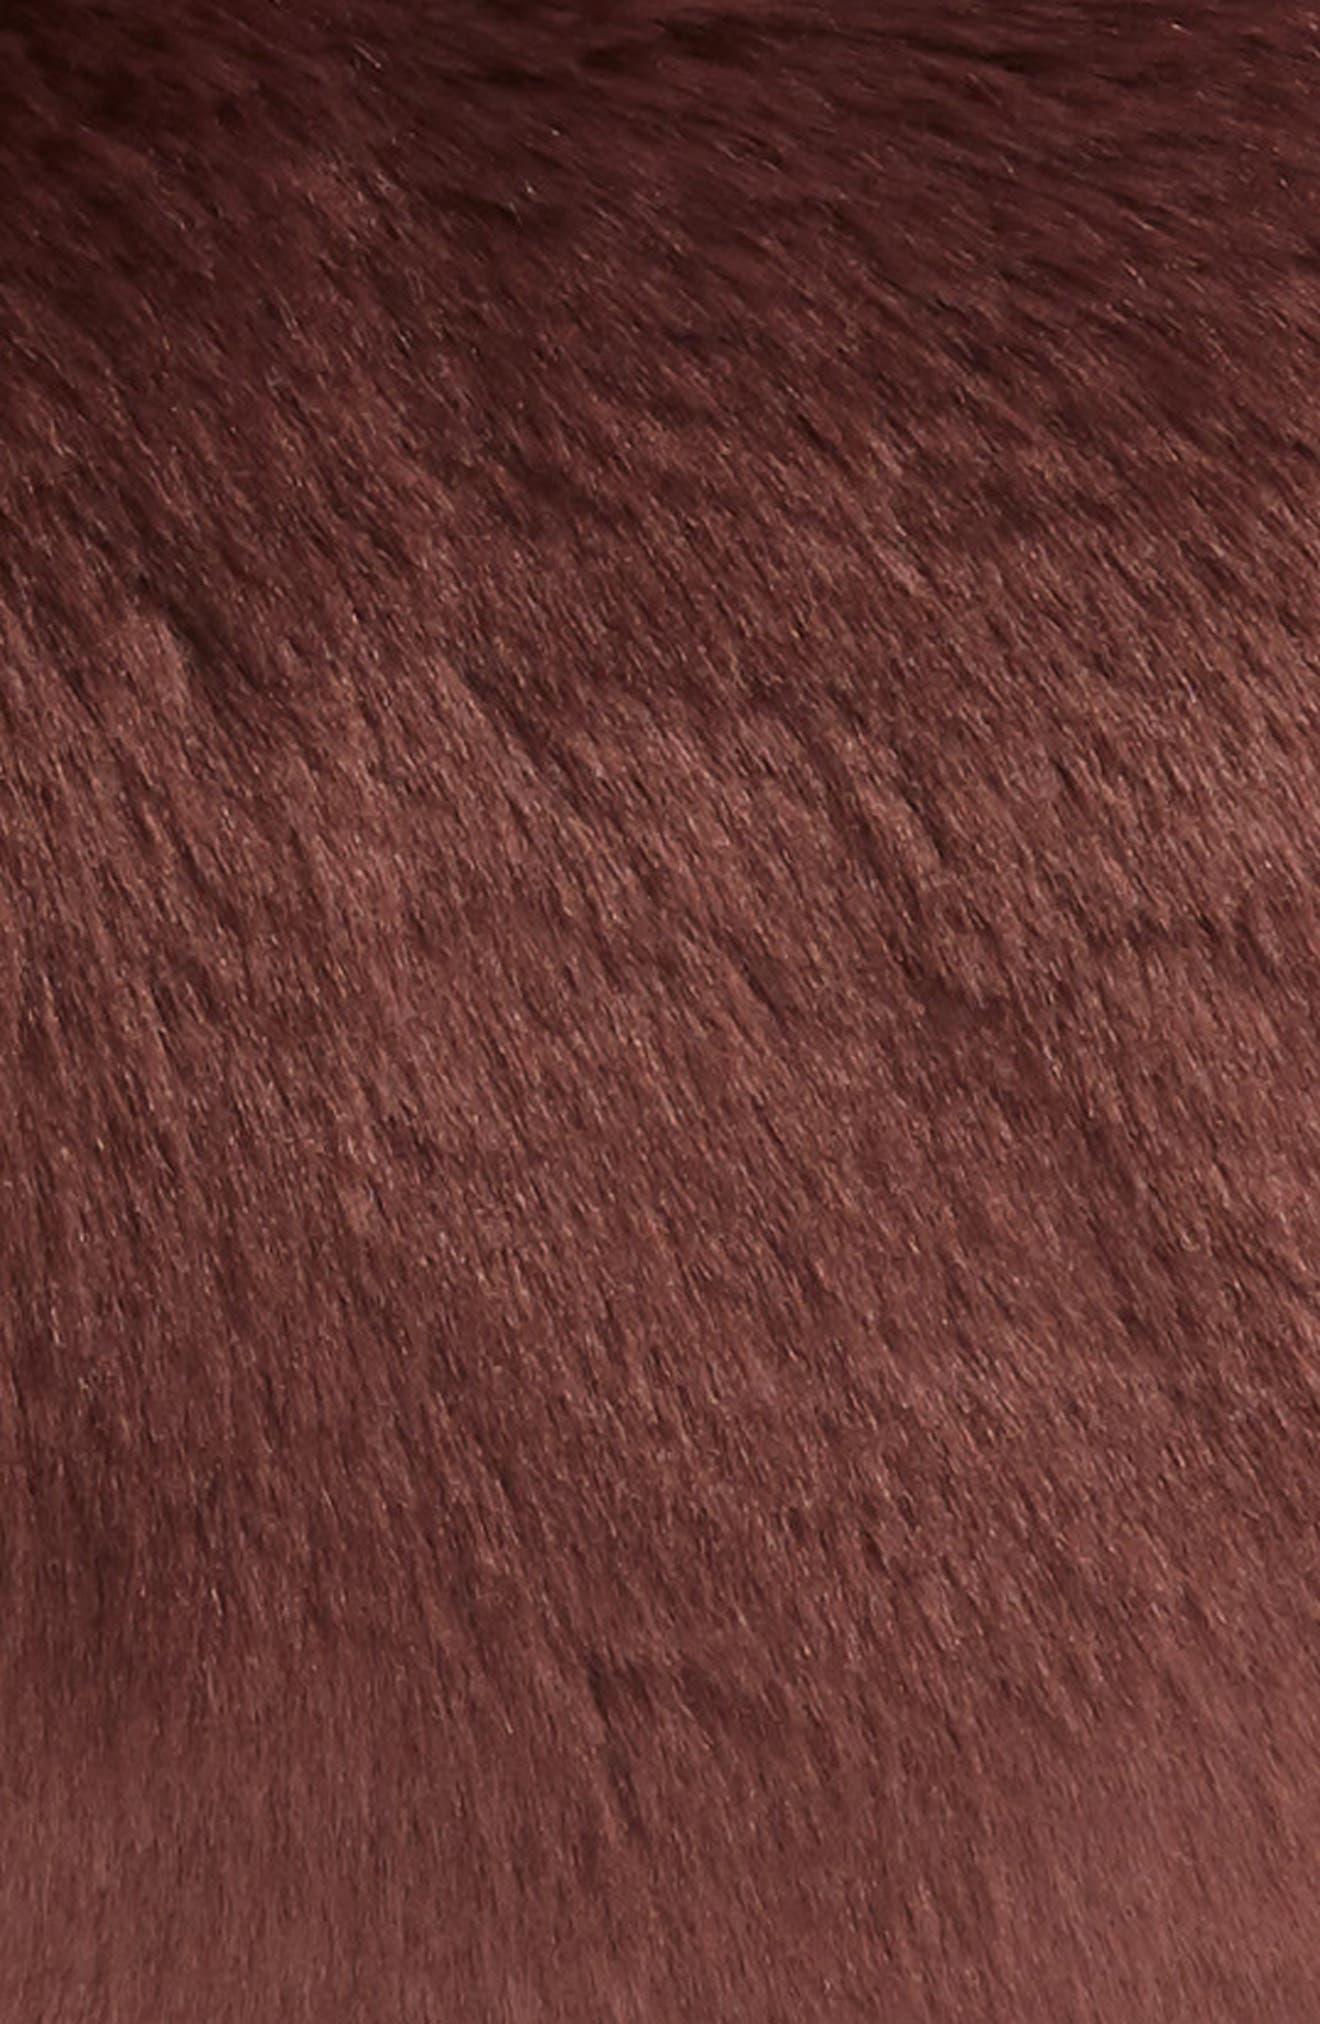 'Cuddle Up' Faux Fur Heart Accent Pillow,                             Alternate thumbnail 3, color,                             BURGUNDY STEM